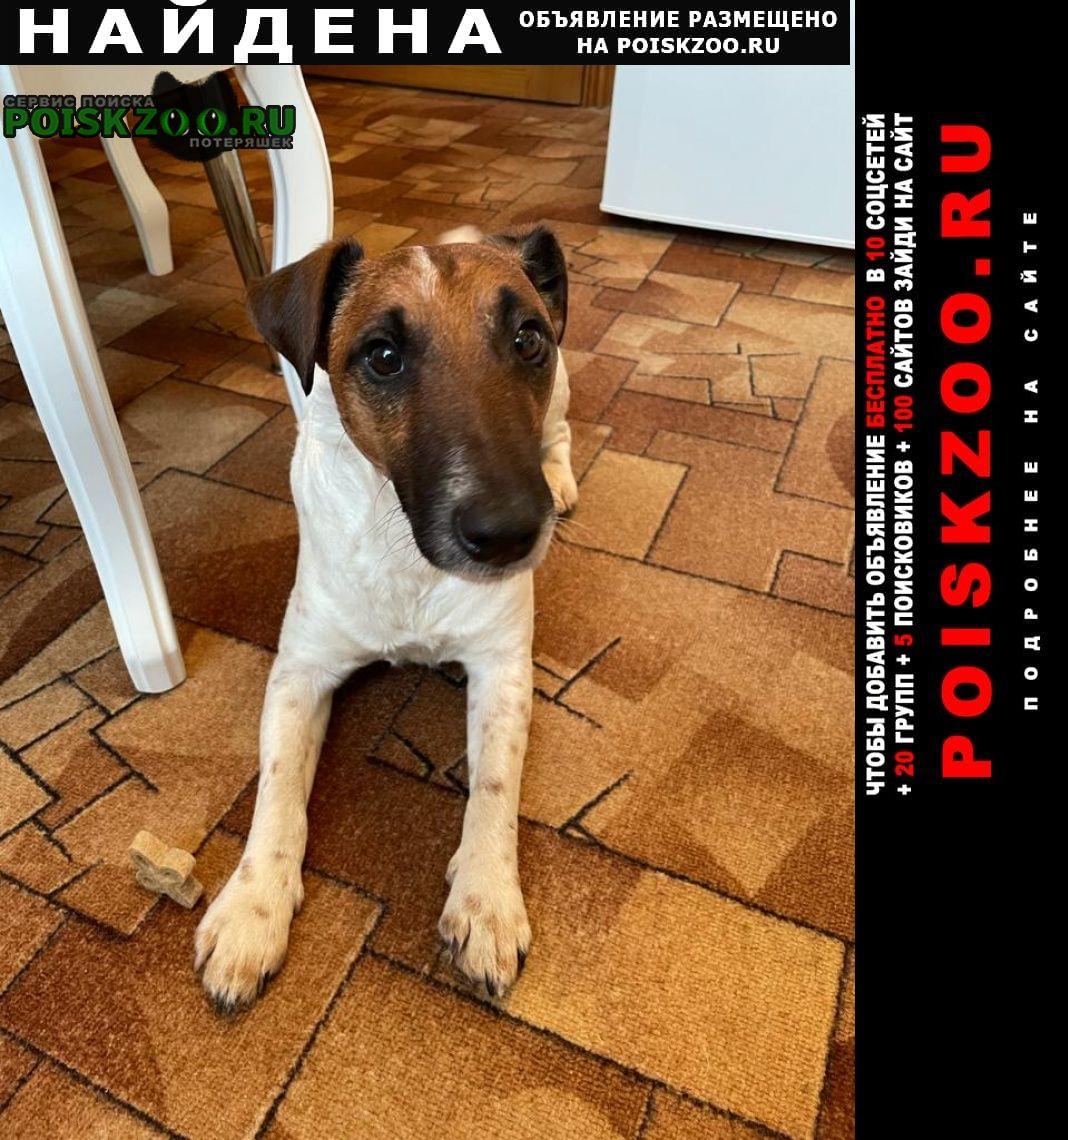 Найдена собака кобель фокстерьер Звенигород